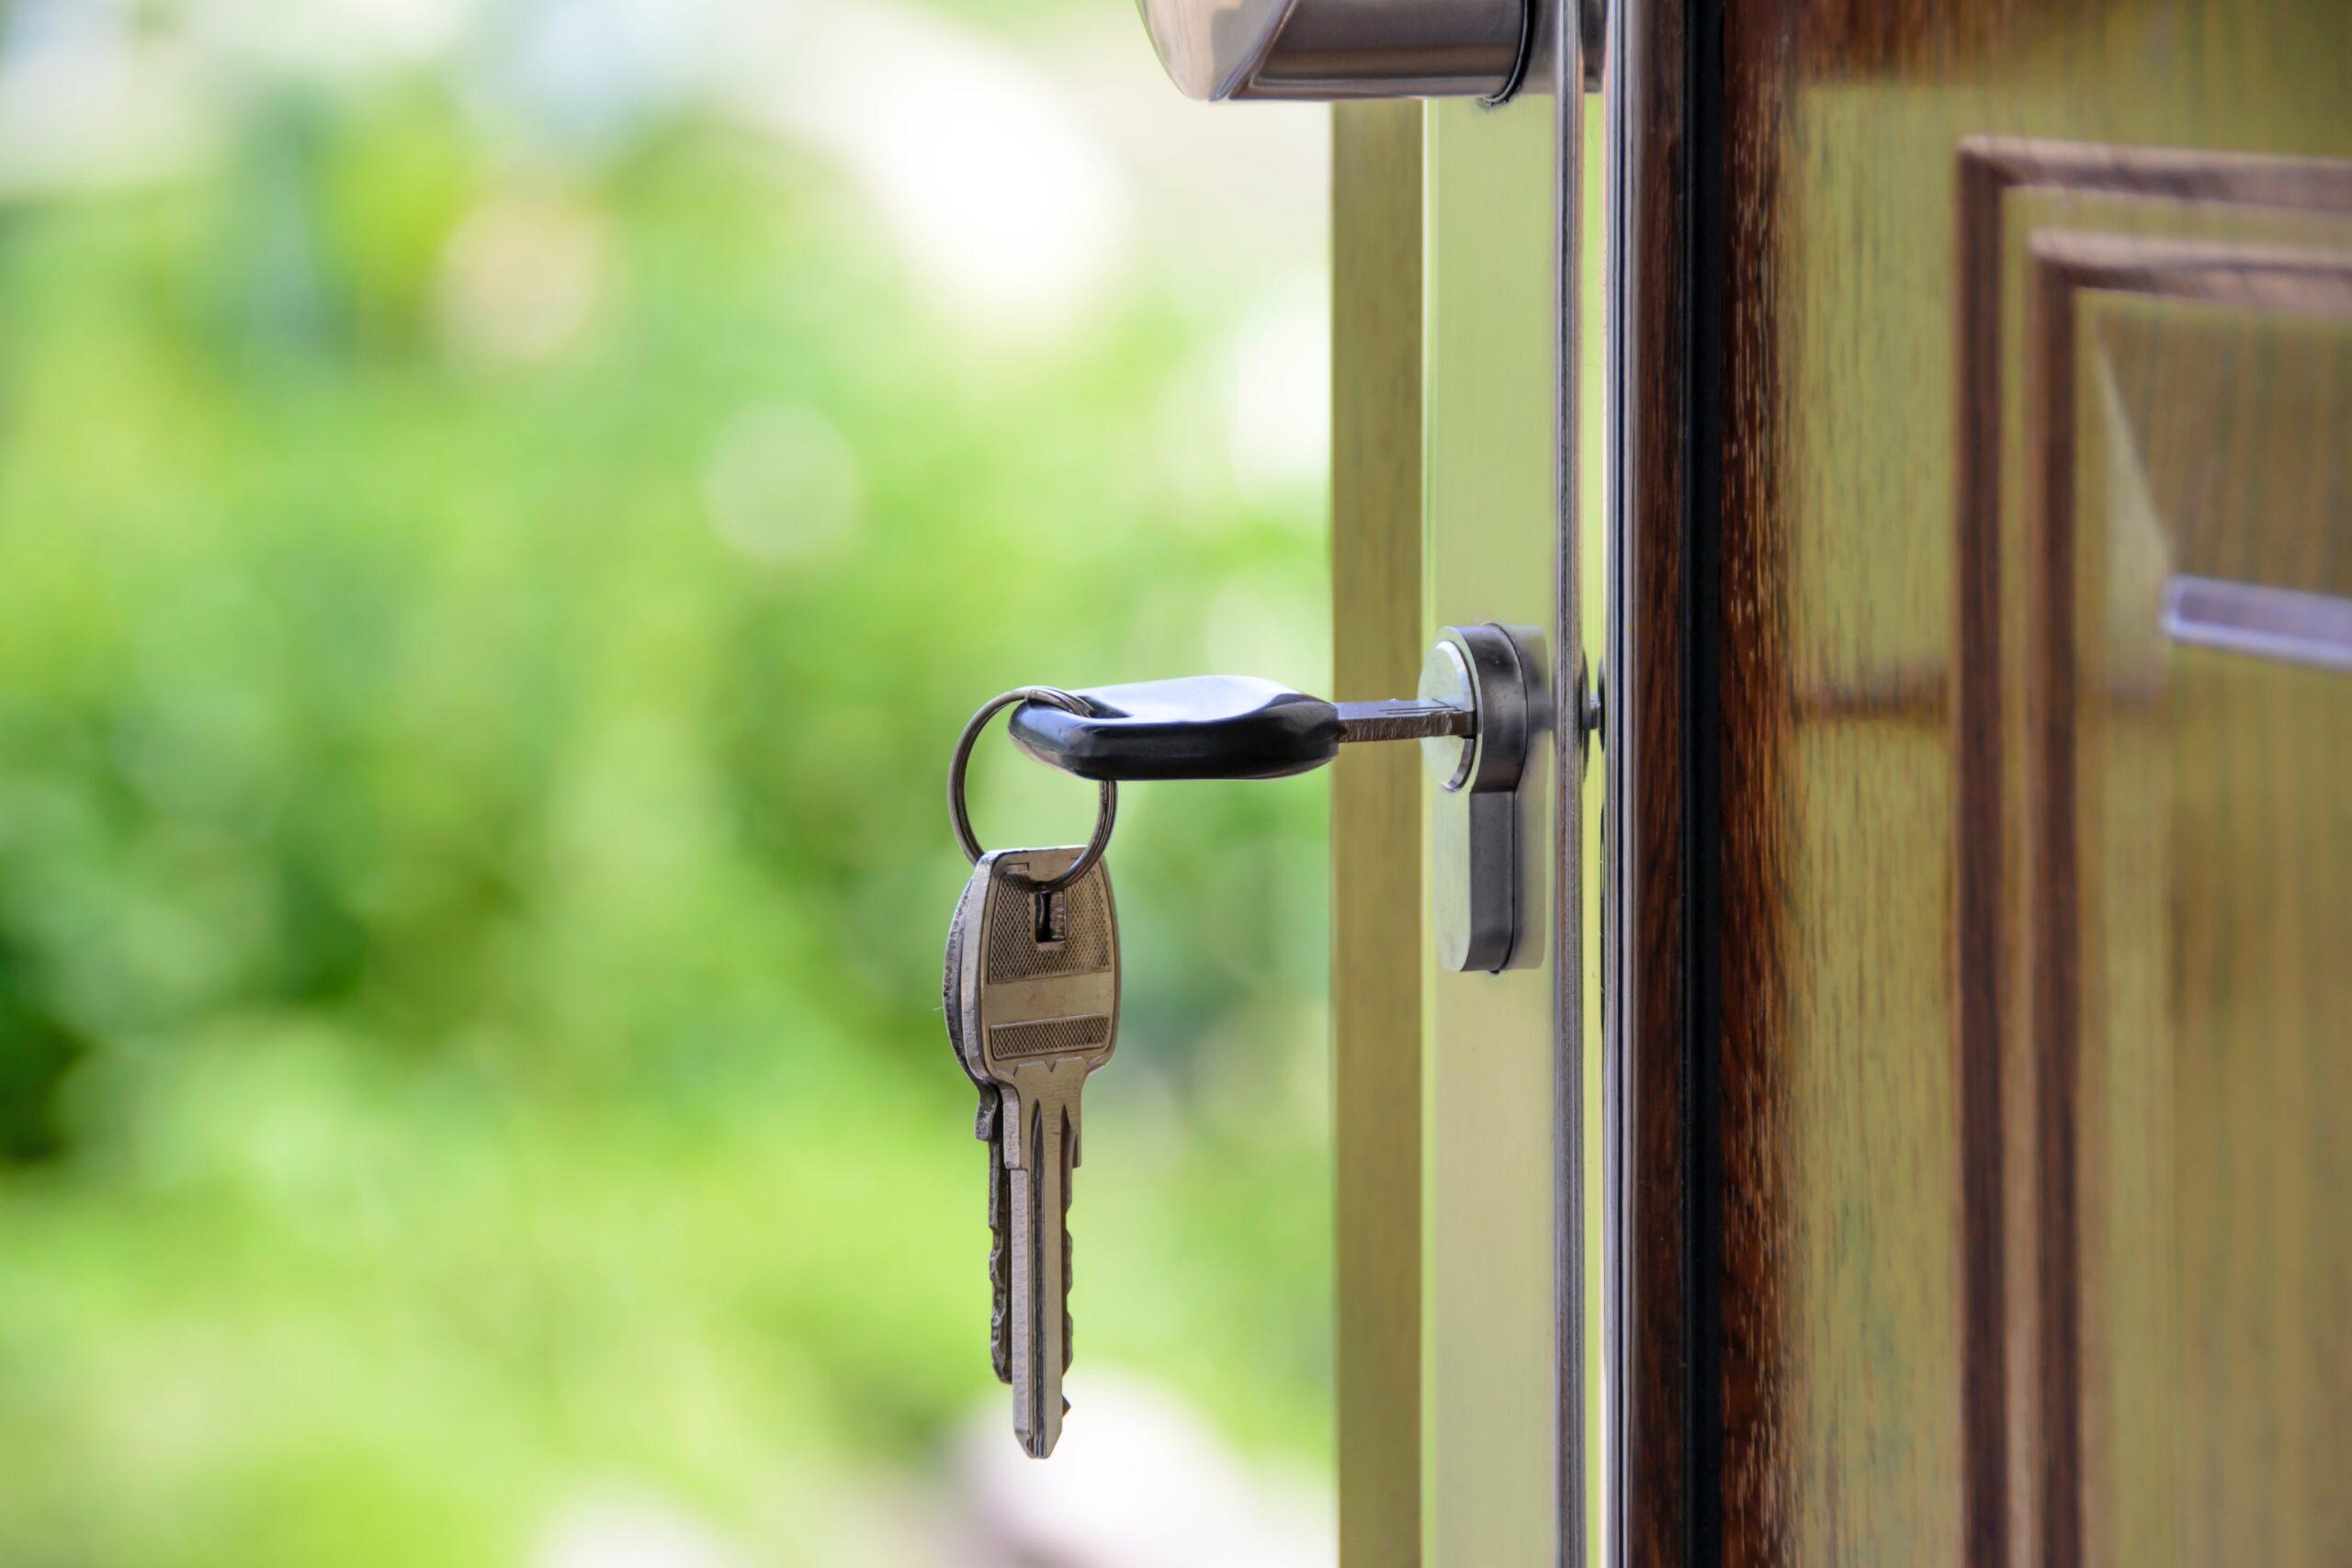 professionelle Vermietung – Warum es für Eigentümer sinnvoll ist, einen qualifizierten Makler zu beauftragen.